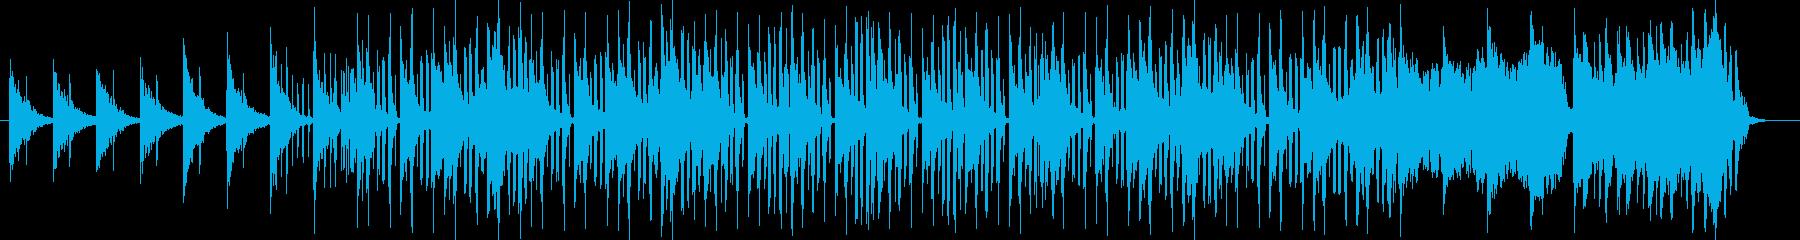 爽やかな透き通るシンセのの音色の曲の再生済みの波形